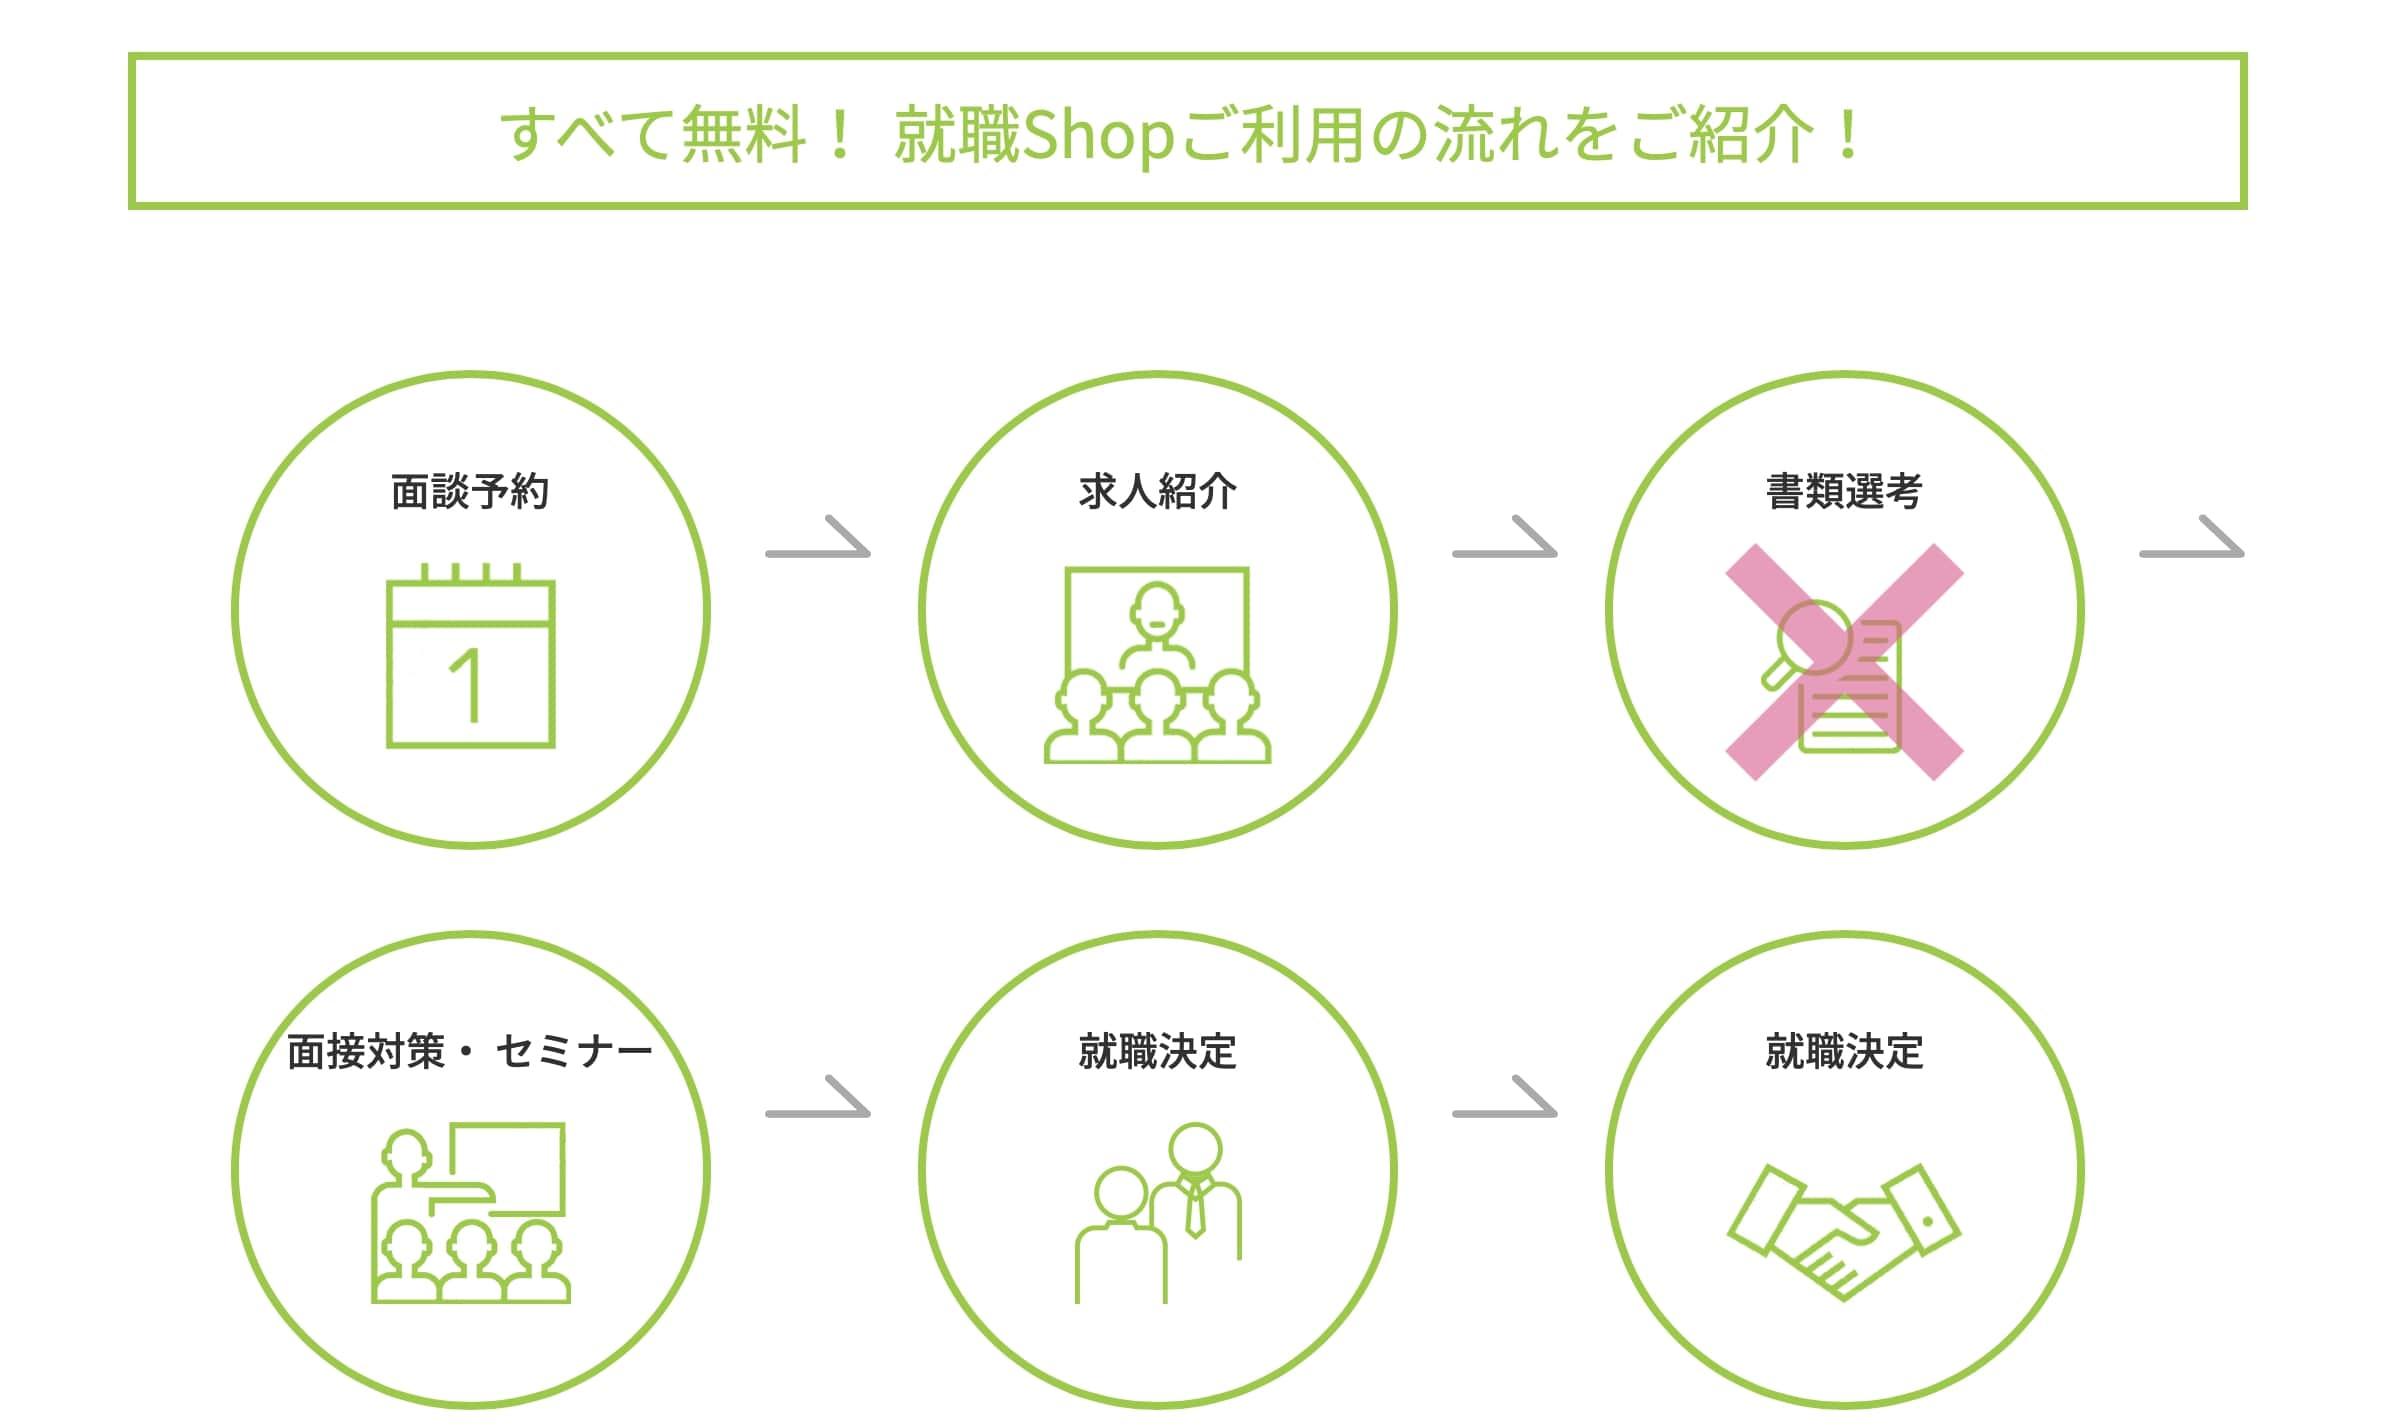 就職Shopの特徴